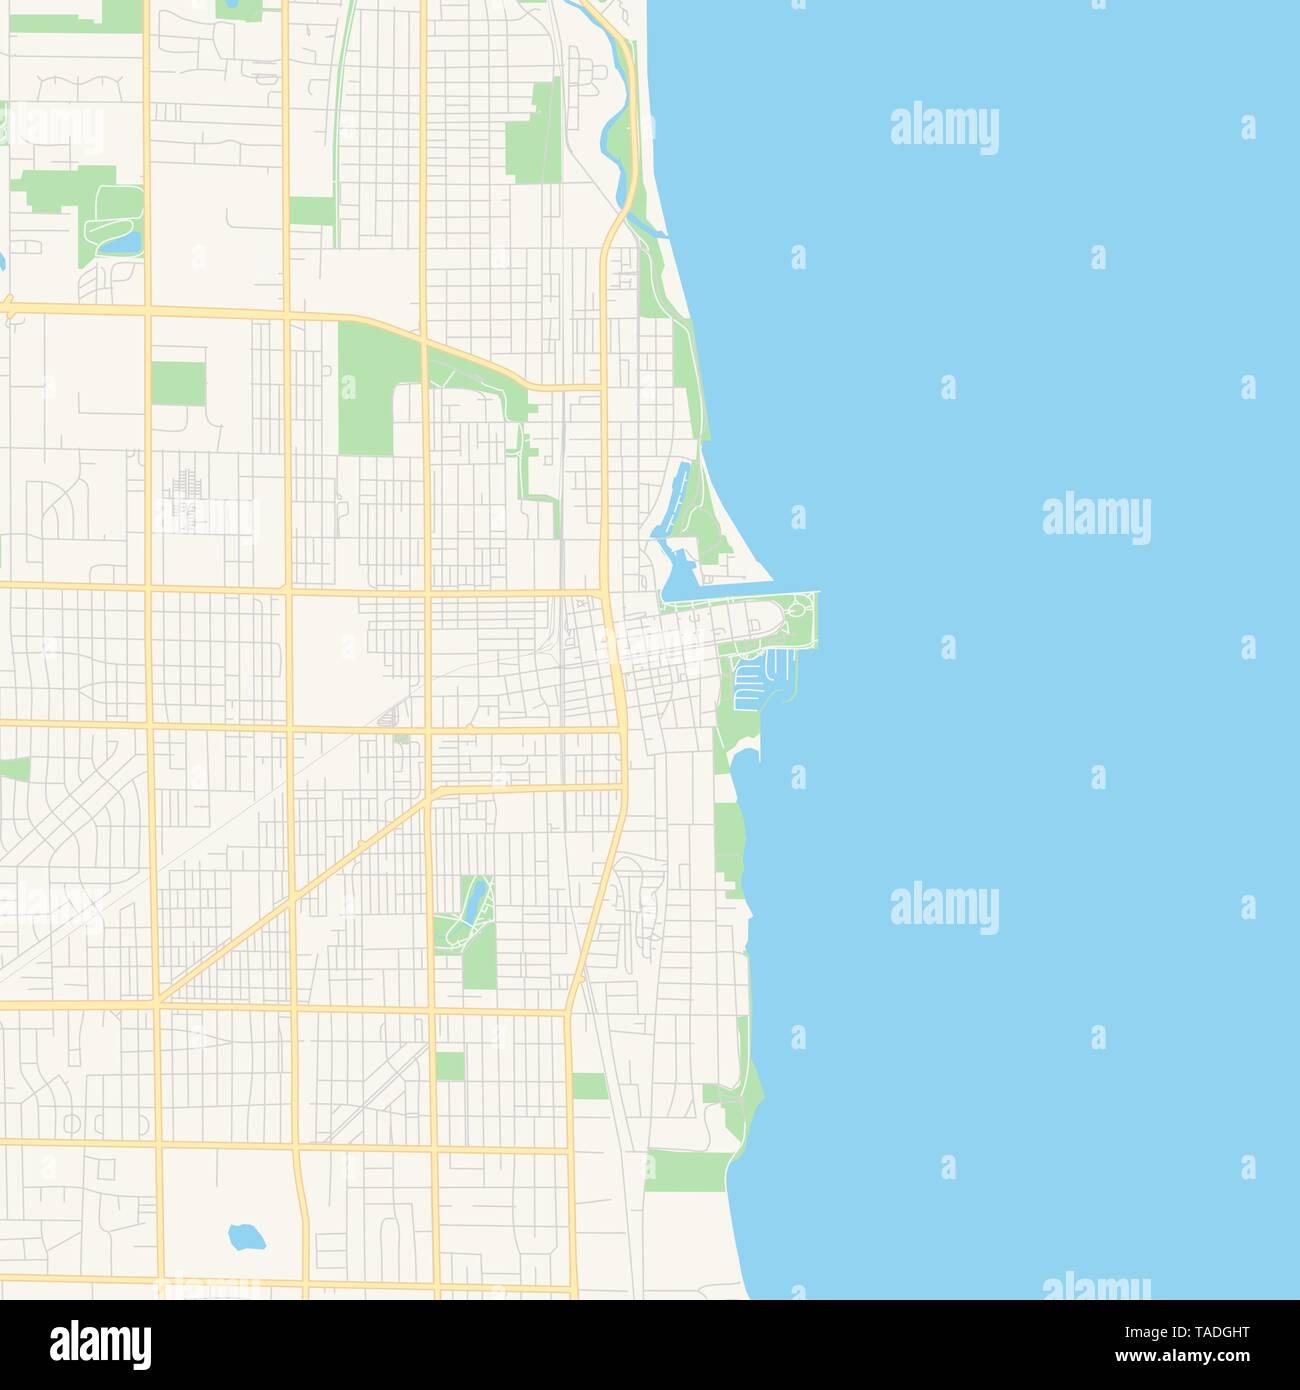 Usa Wisconsin Kenosha Road Sign Stock Photos & Usa Wisconsin Kenosha on dayton bus map, trenton bus map, germantown bus map, albany bus map, grand rapids bus map, wisconsin bus map, jefferson bus map, green bus map, neenah bus map, juneau bus map, evanston bus map, louisville bus map, janesville bus map, wauwatosa bus map, tulsa bus map, greendale bus map, little rock bus map, rockford bus map, mobile bus map, racine bus map,